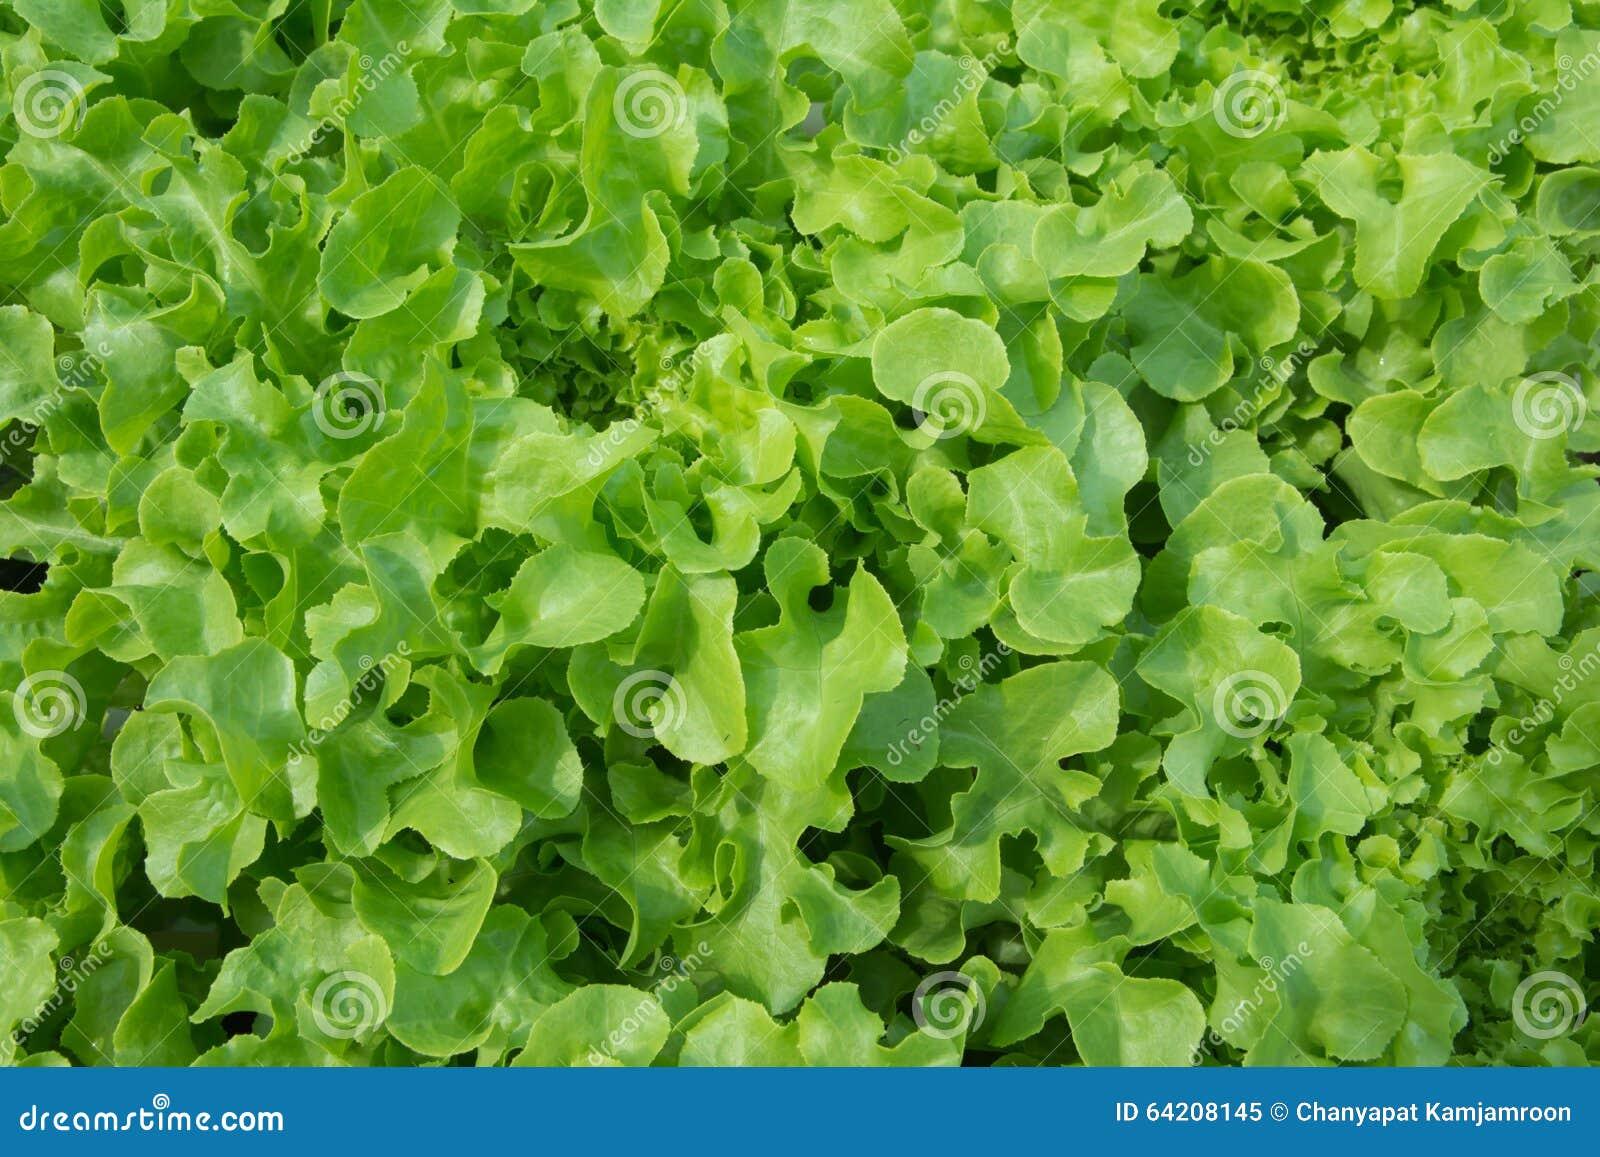 Lechuga producida con métodos orgánicos